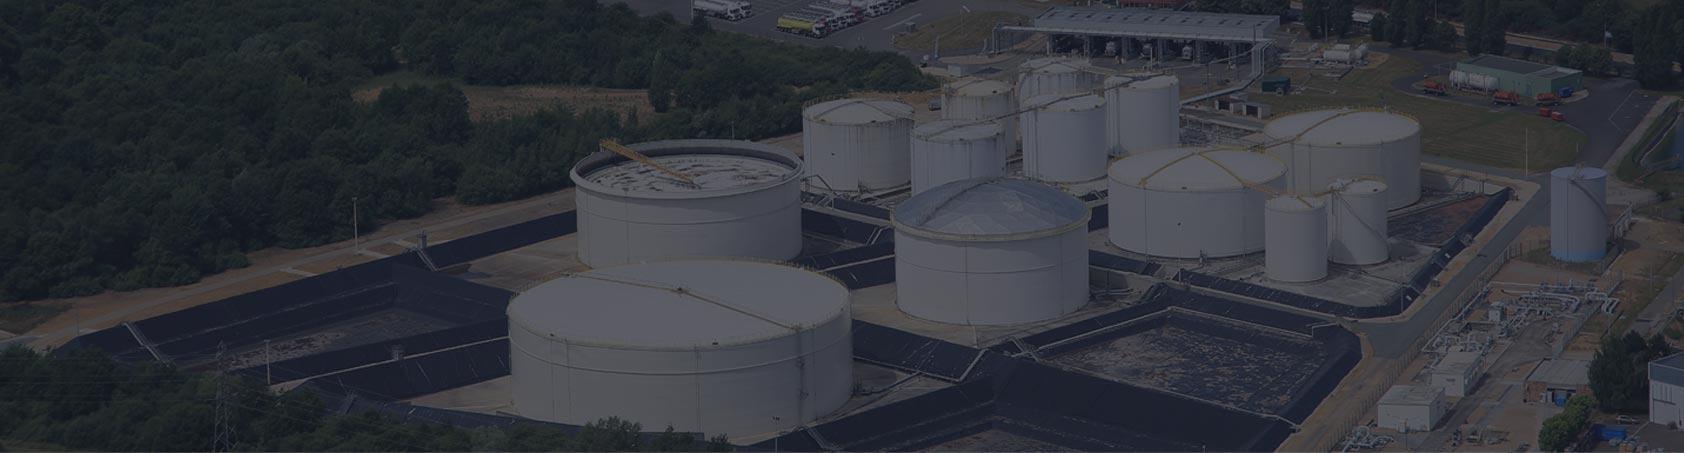 Stockage et mise à disposition de produits pétroliers